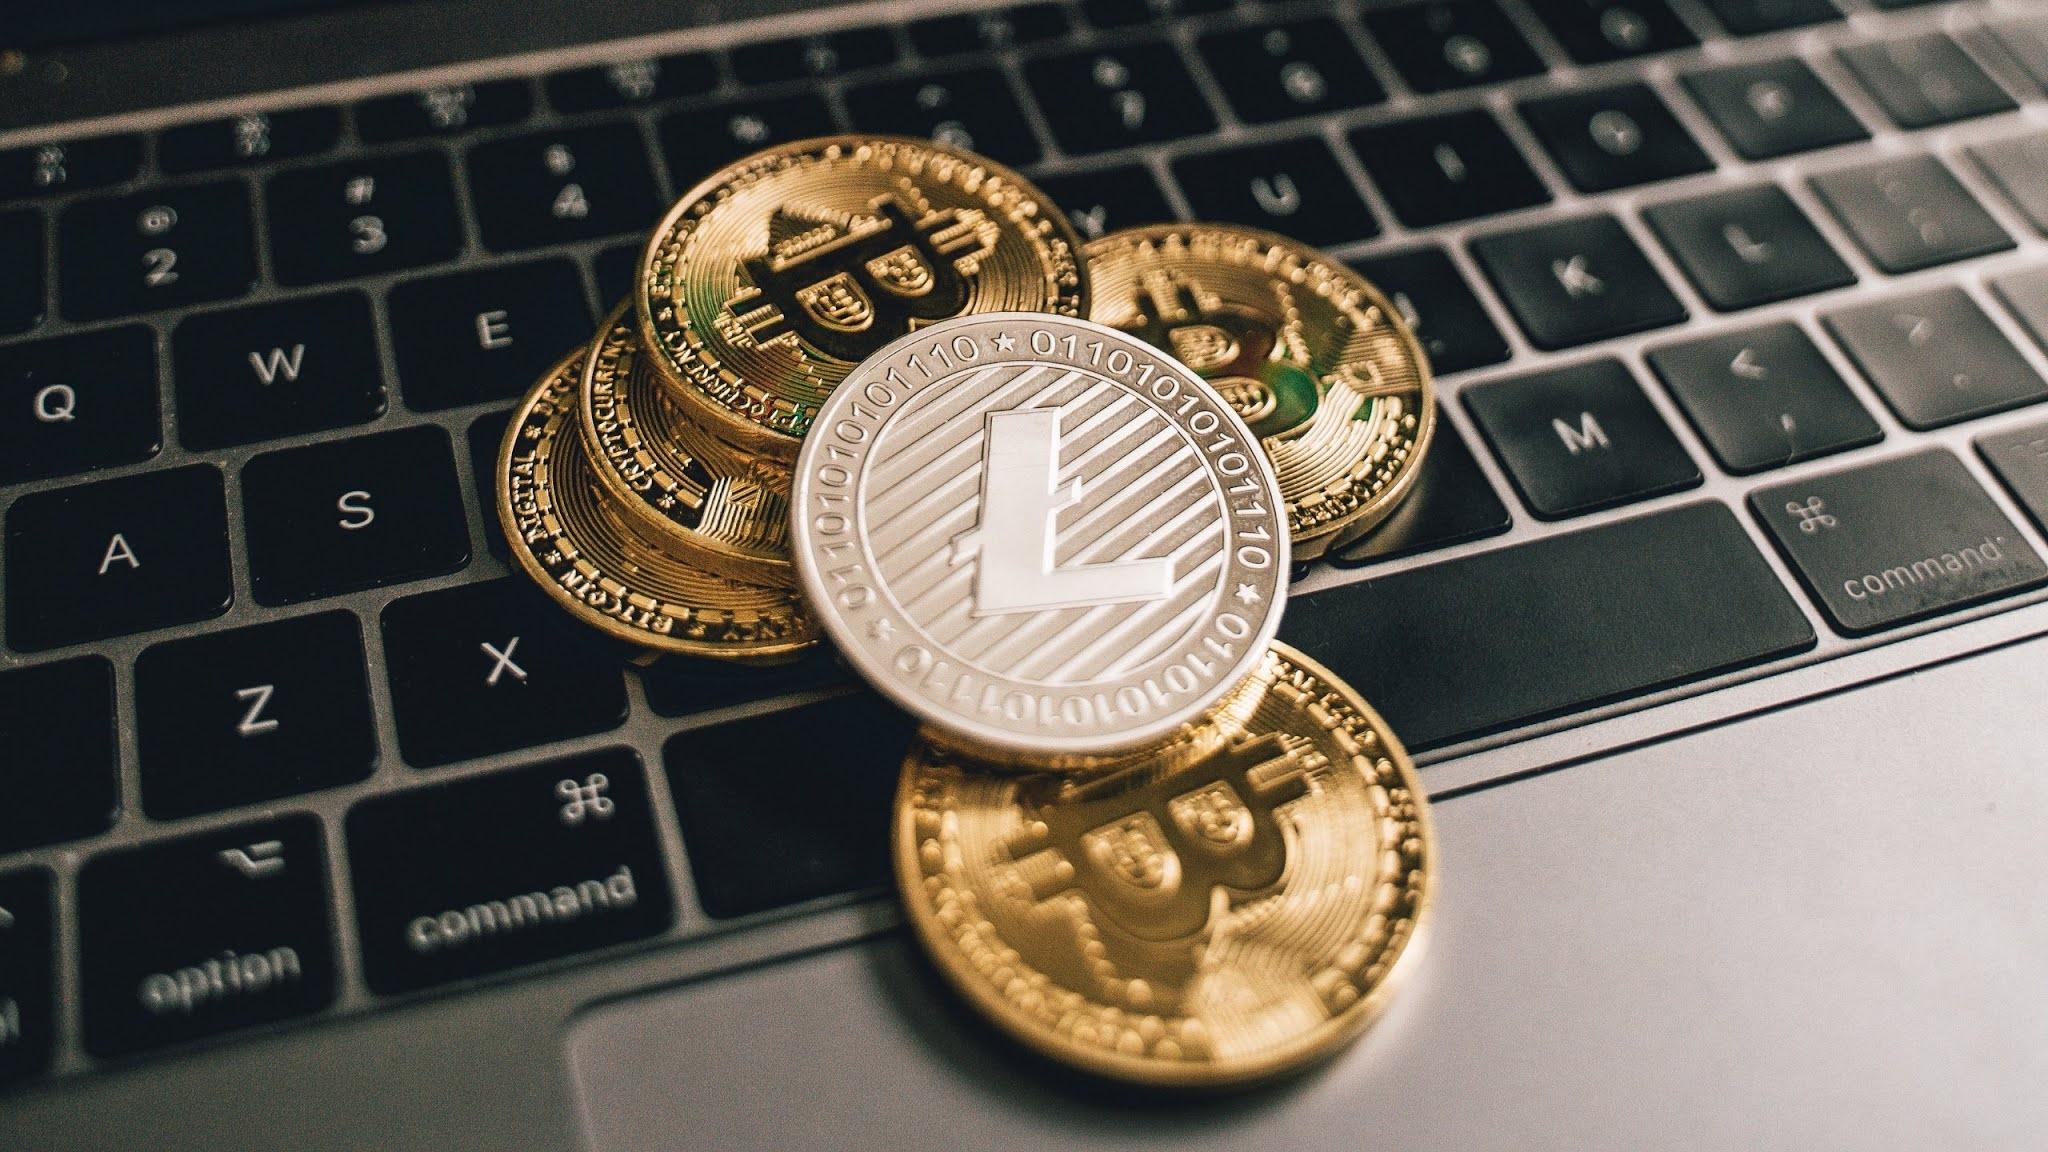 kripto para kripto sözlük long short